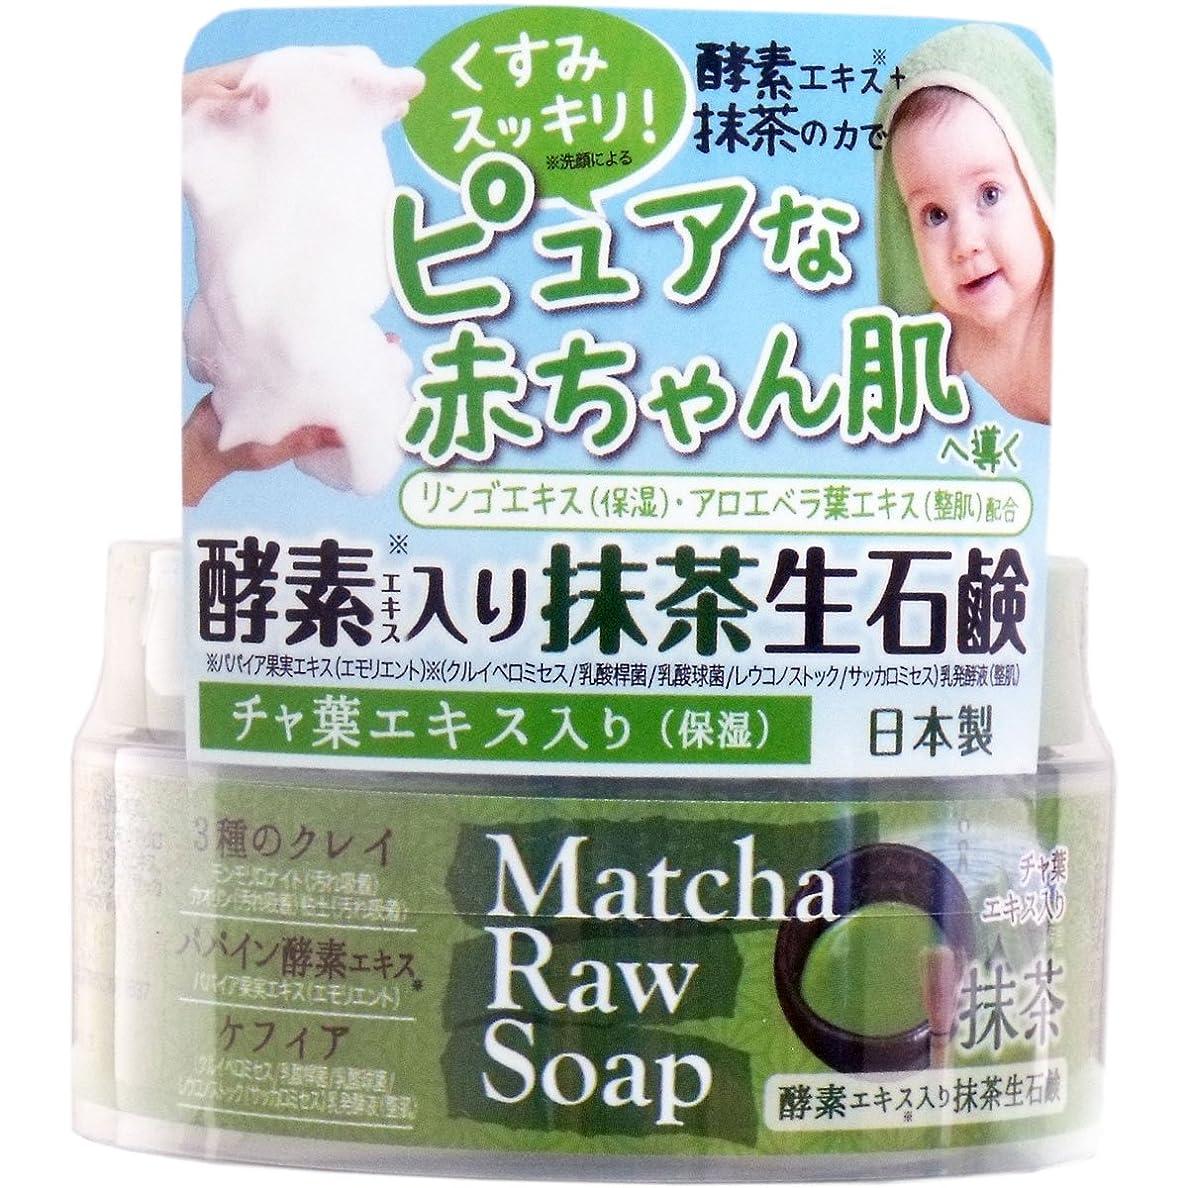 汚物シンプルなラダ酵素エキス入り抹茶生石鹸